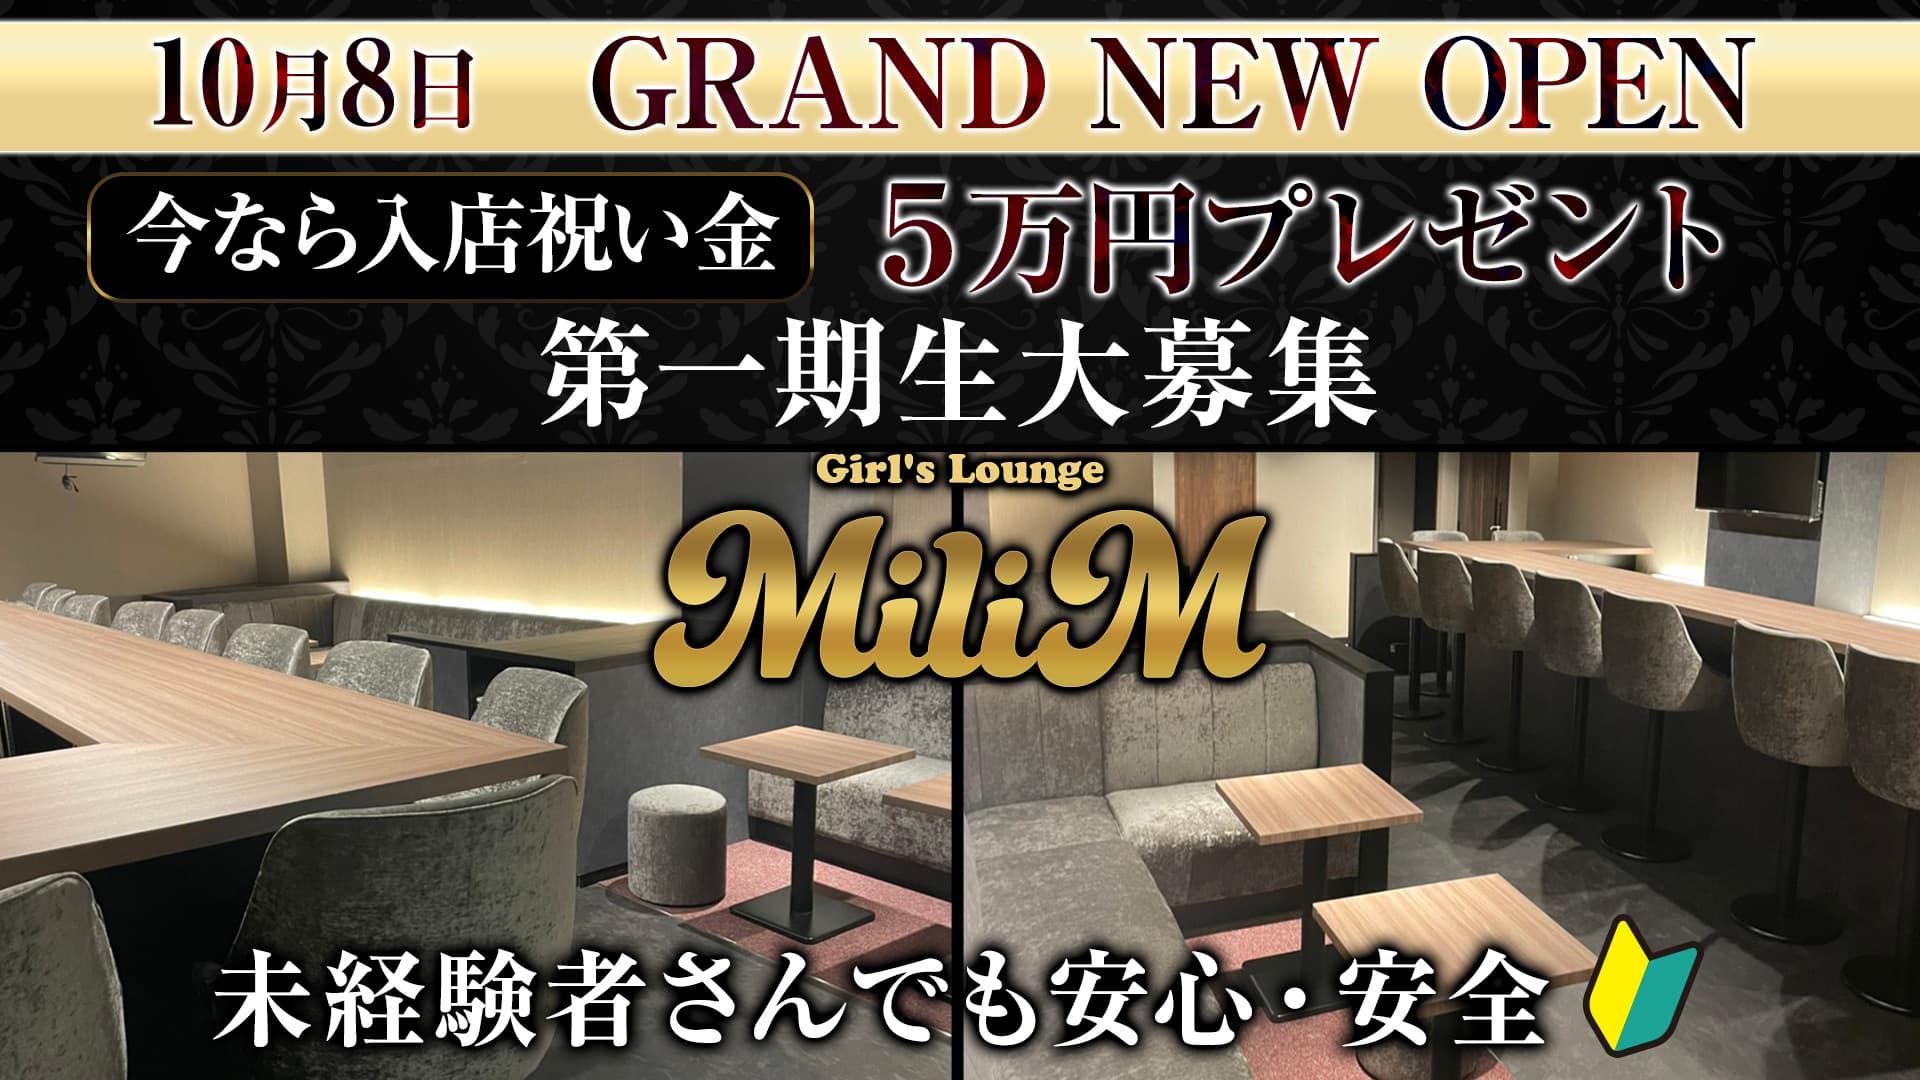 【神田駅/昼・夜OK】Girls Lounge MiliM(ミリム)【公式求人・体入情報】 秋葉原ガールズバー TOP画像